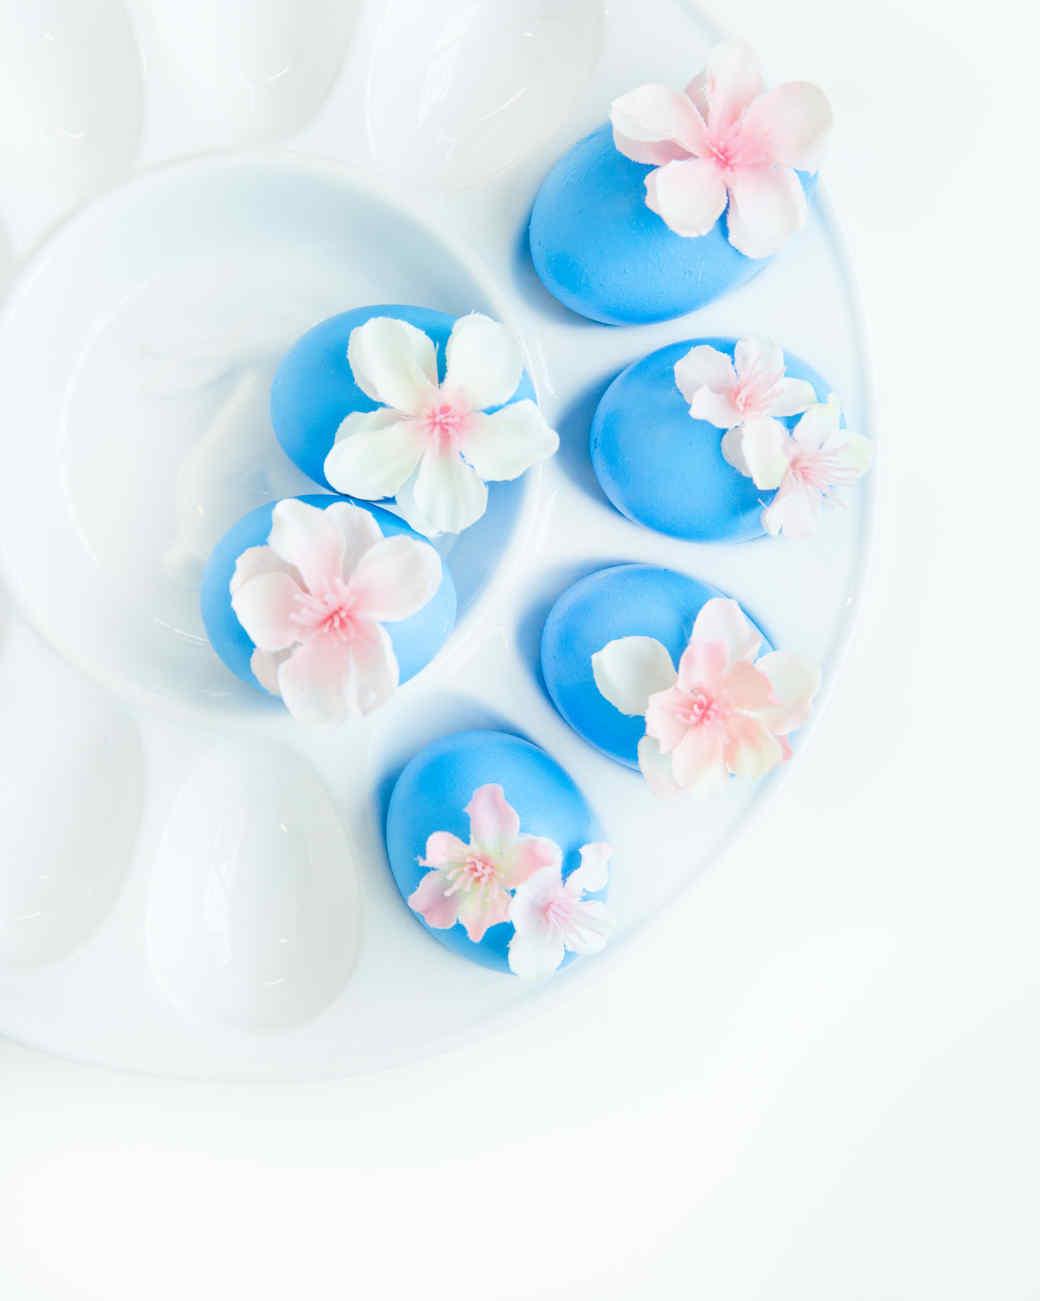 cherry blossom Easter eggs